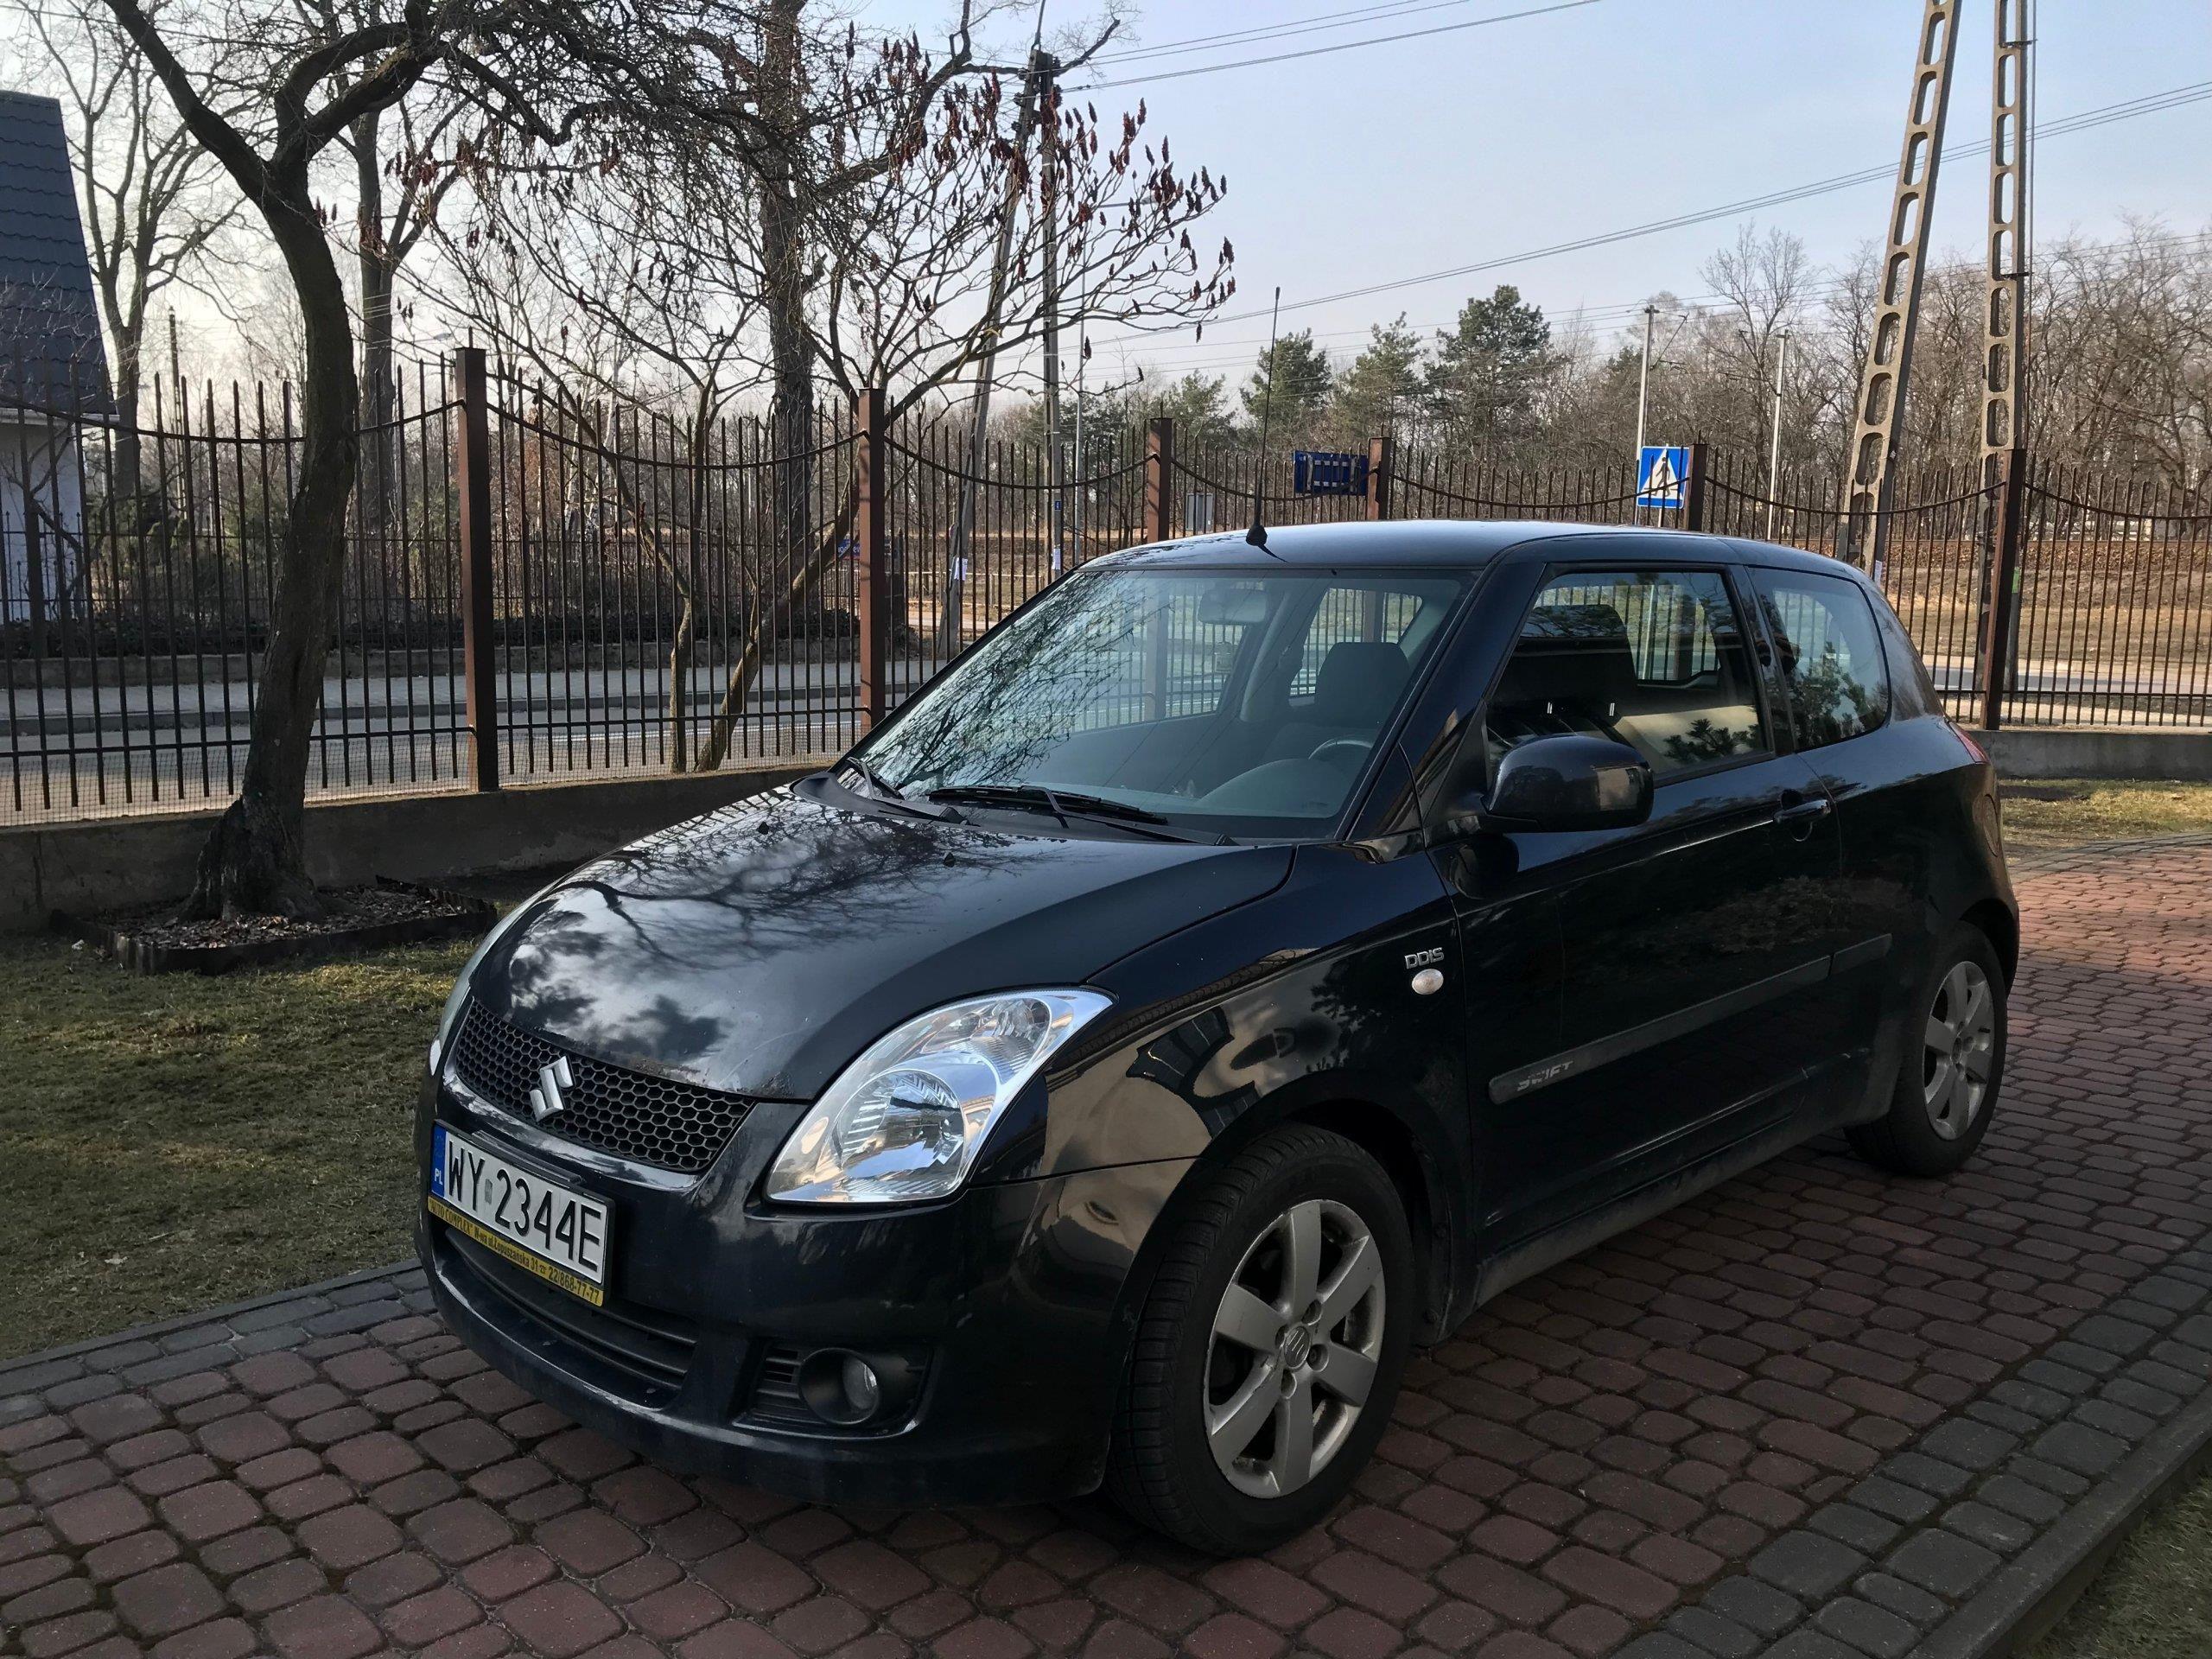 Inteligentny Suzuki Swift IV 2008 1KM czarny - Opinie i ceny na Ceneo.pl KA75